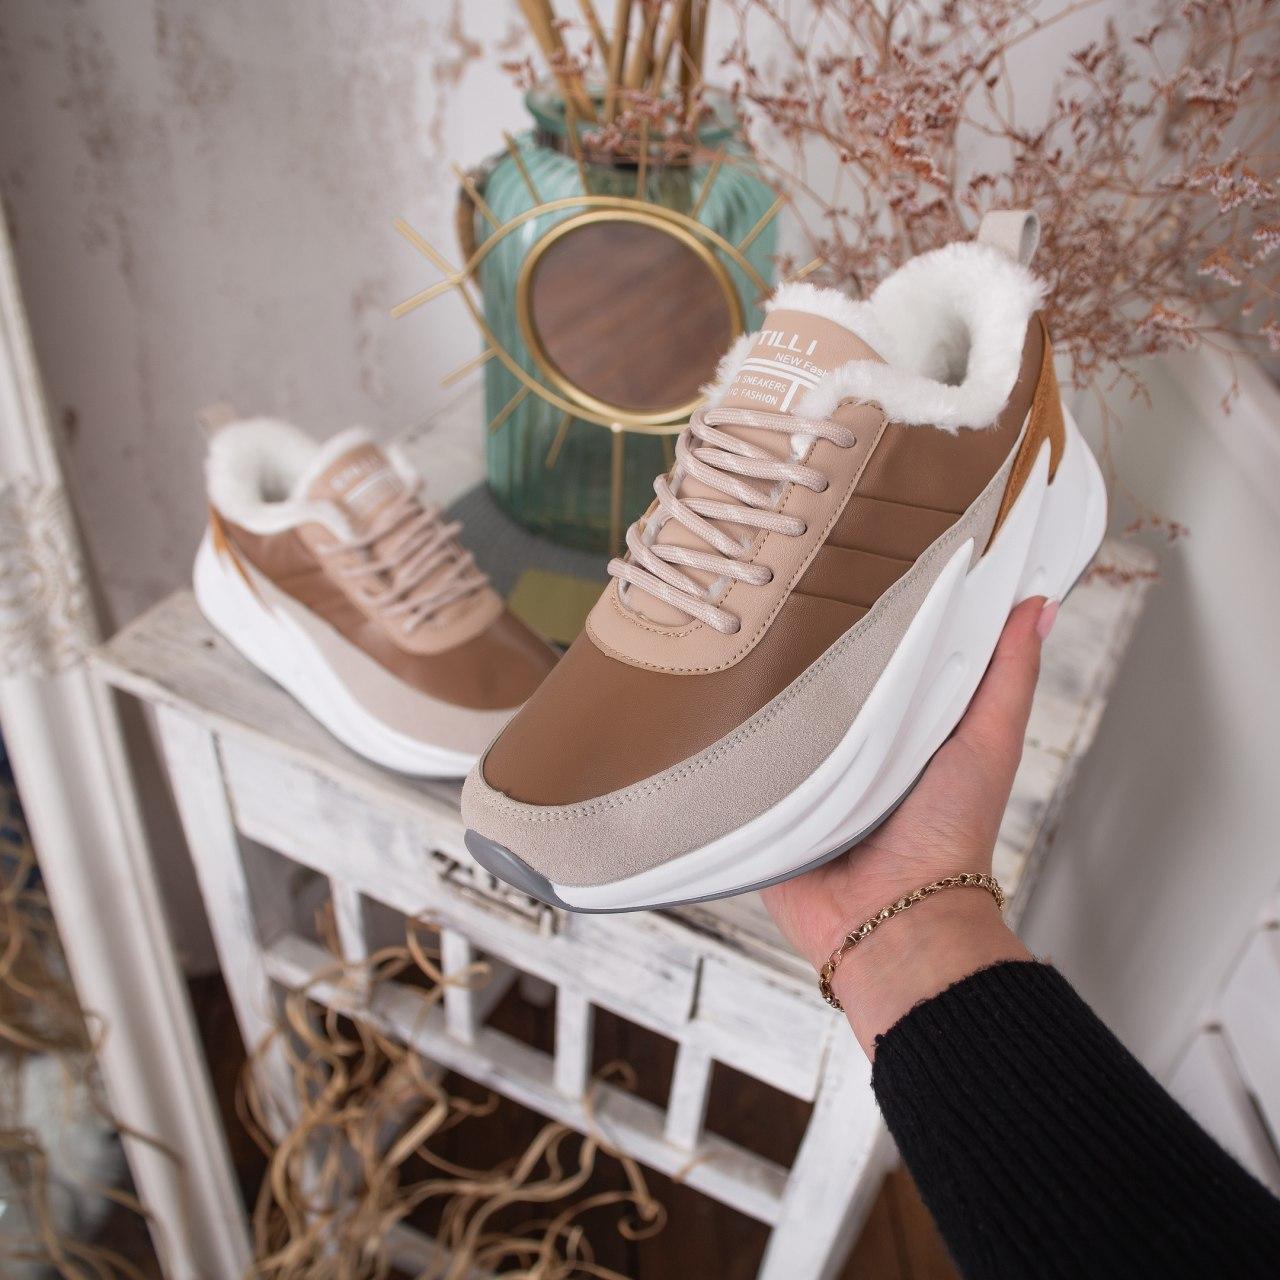 Женские зимние ботинки Стилли Реберу (бело-коричневые)